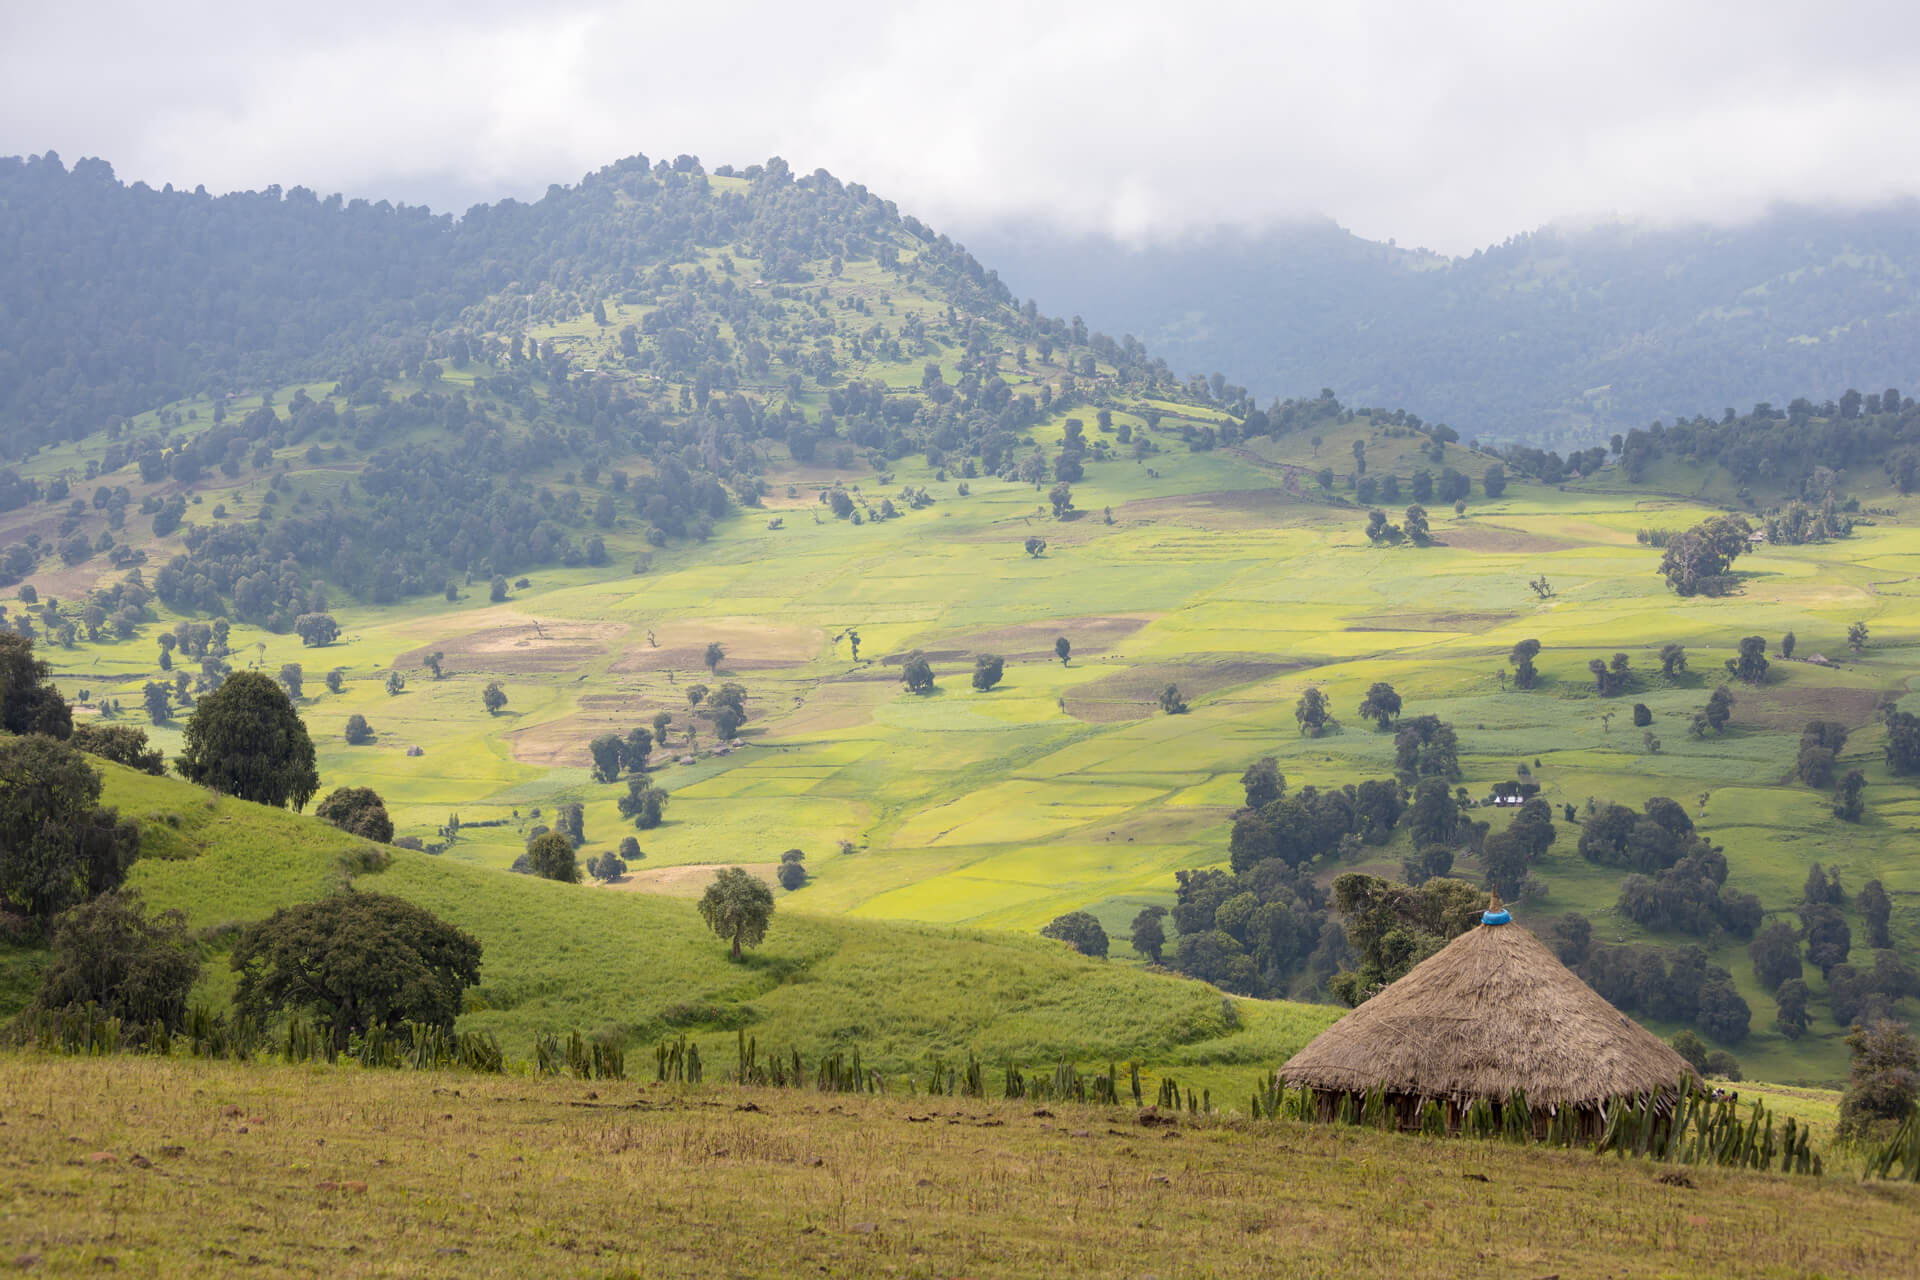 Ethiopia-traveling-Bale mountain NP-trip-adventuresinethiopia